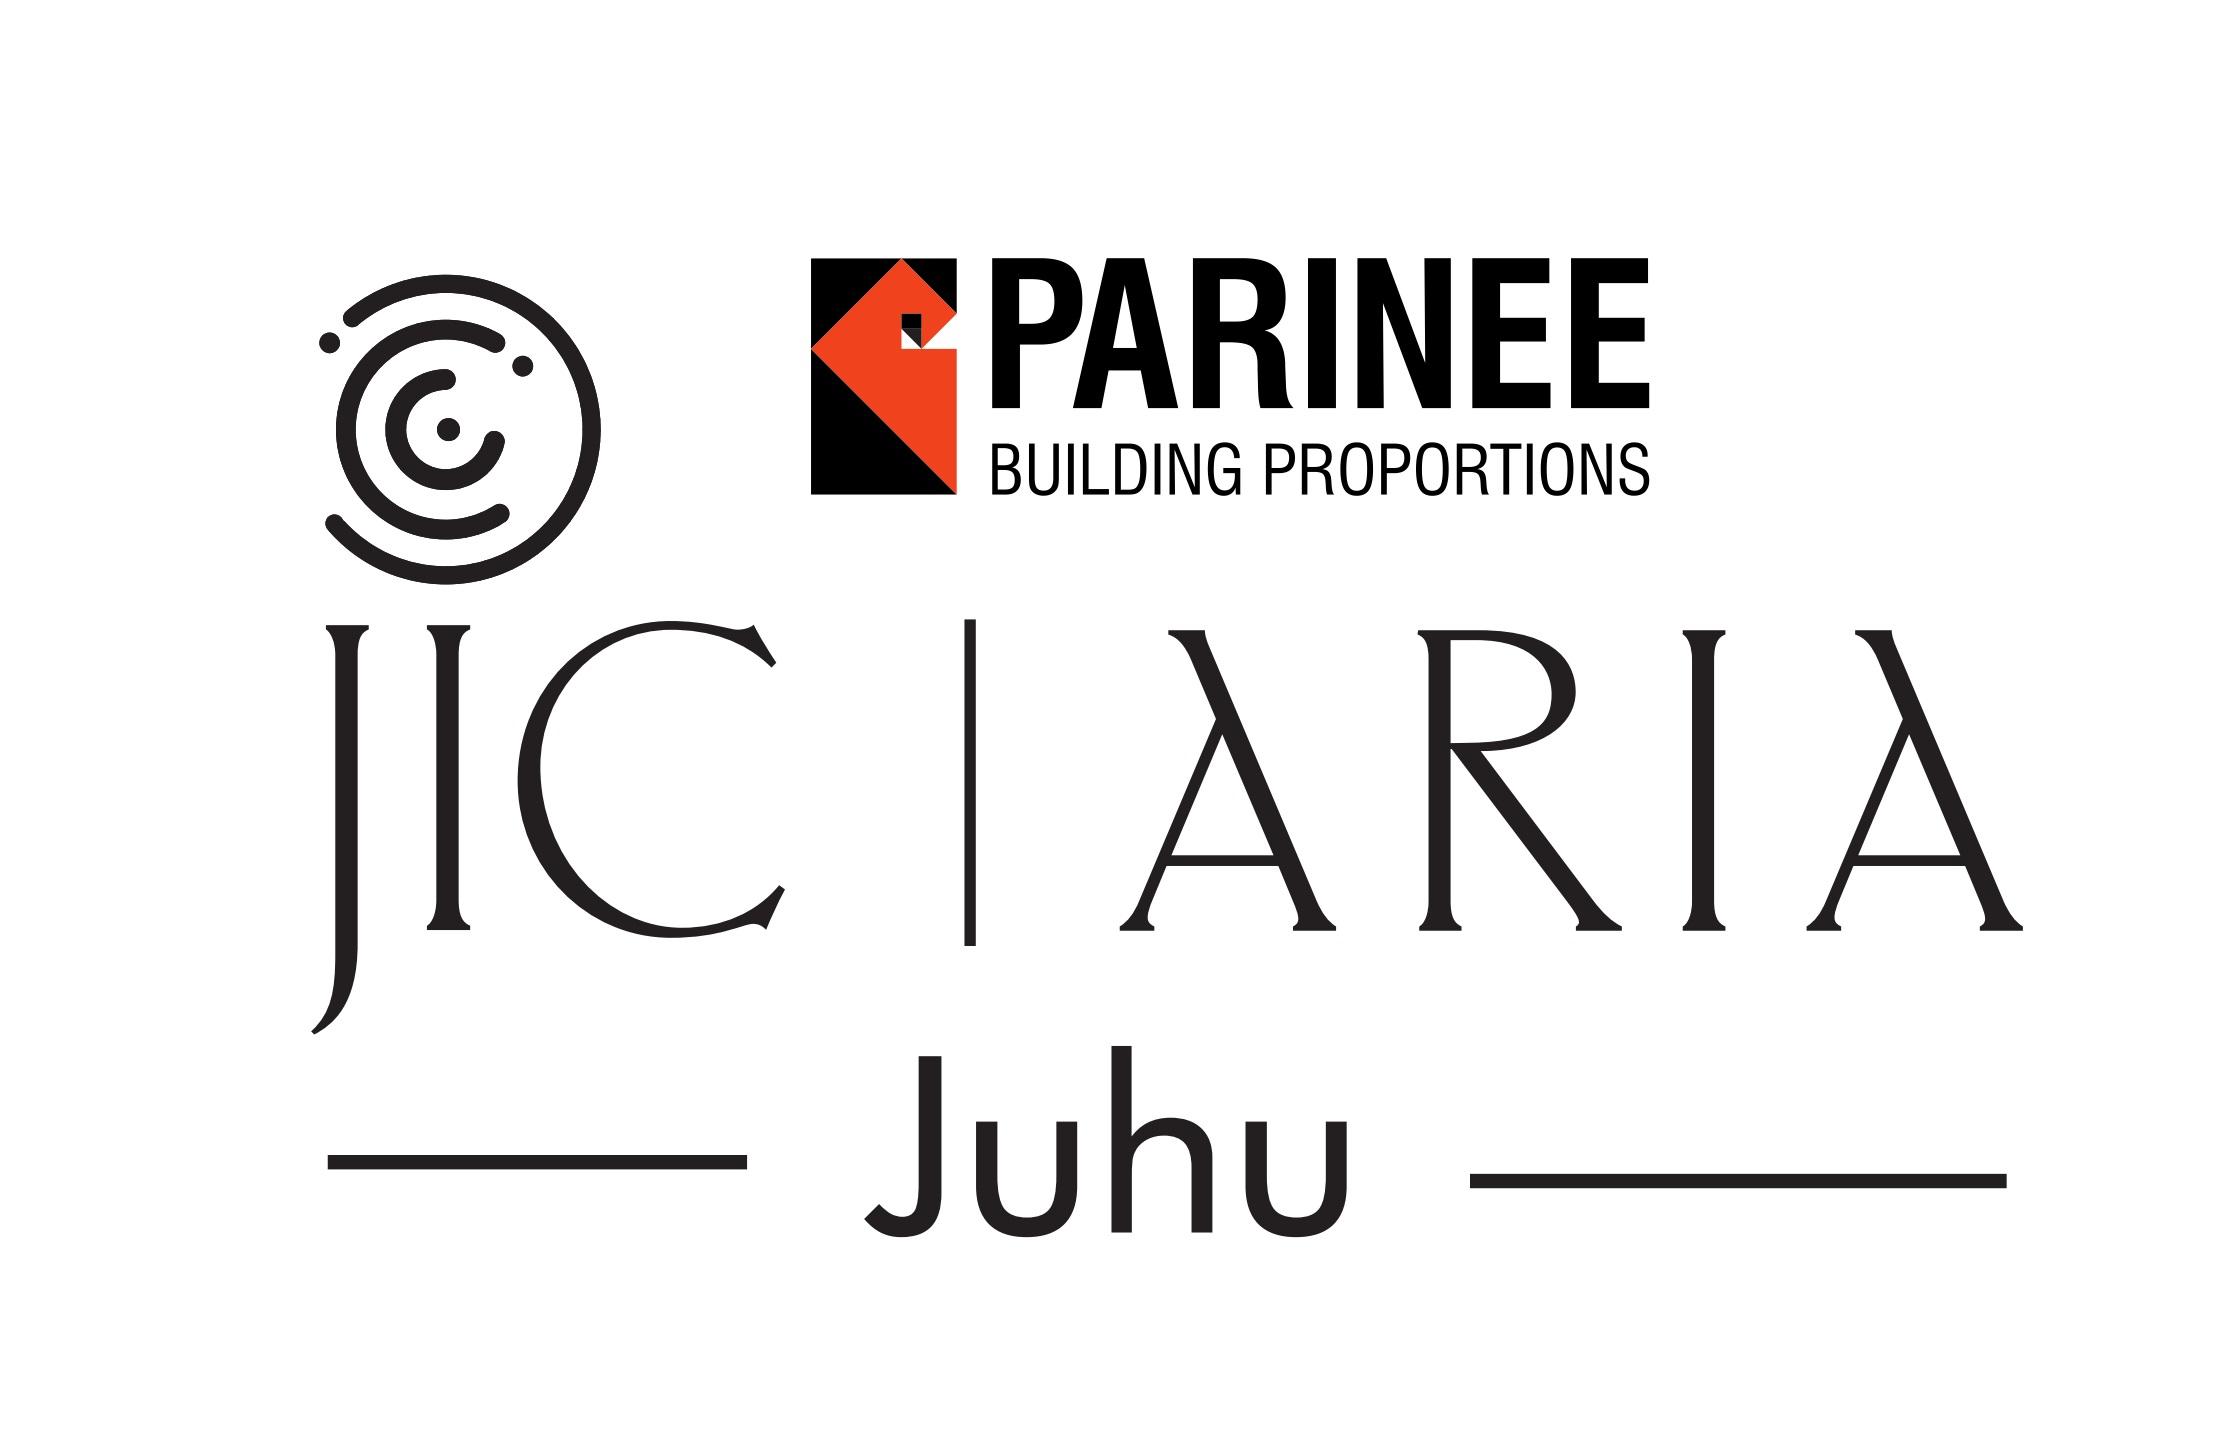 Parinee Aria Mumbai South West